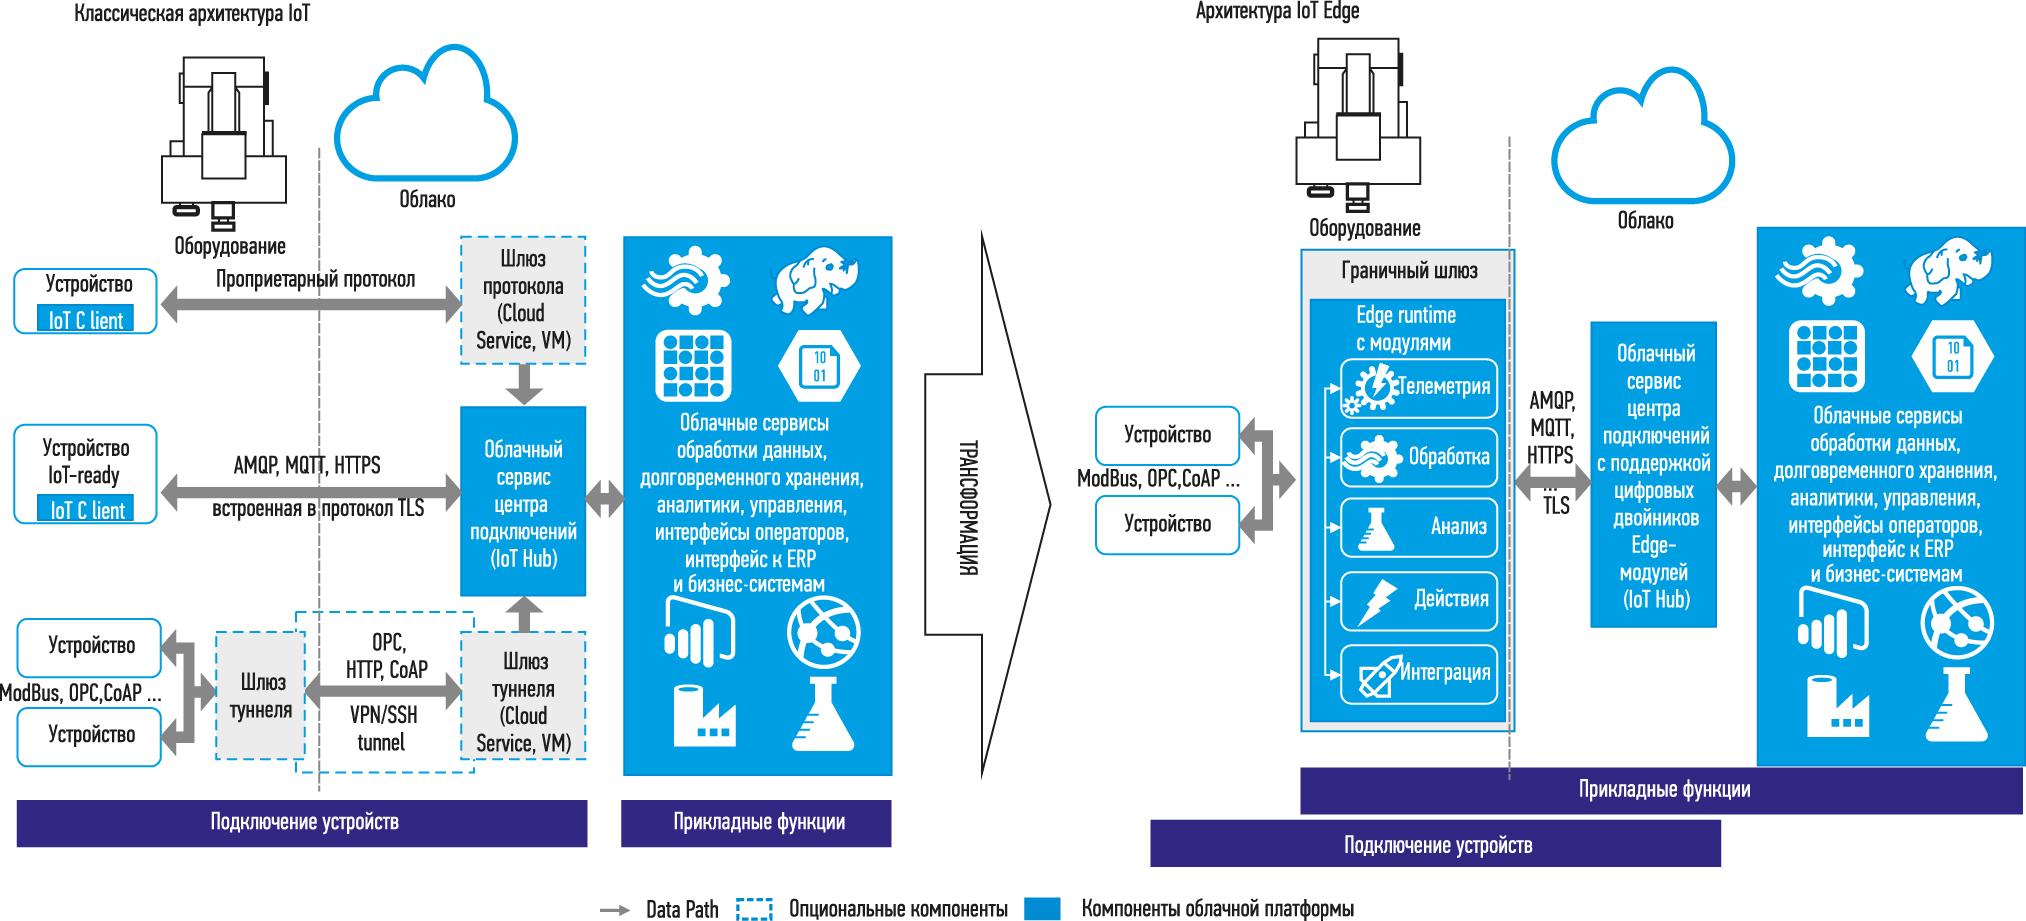 Трансформация традиционного подхода в архитектуру IoT Edge